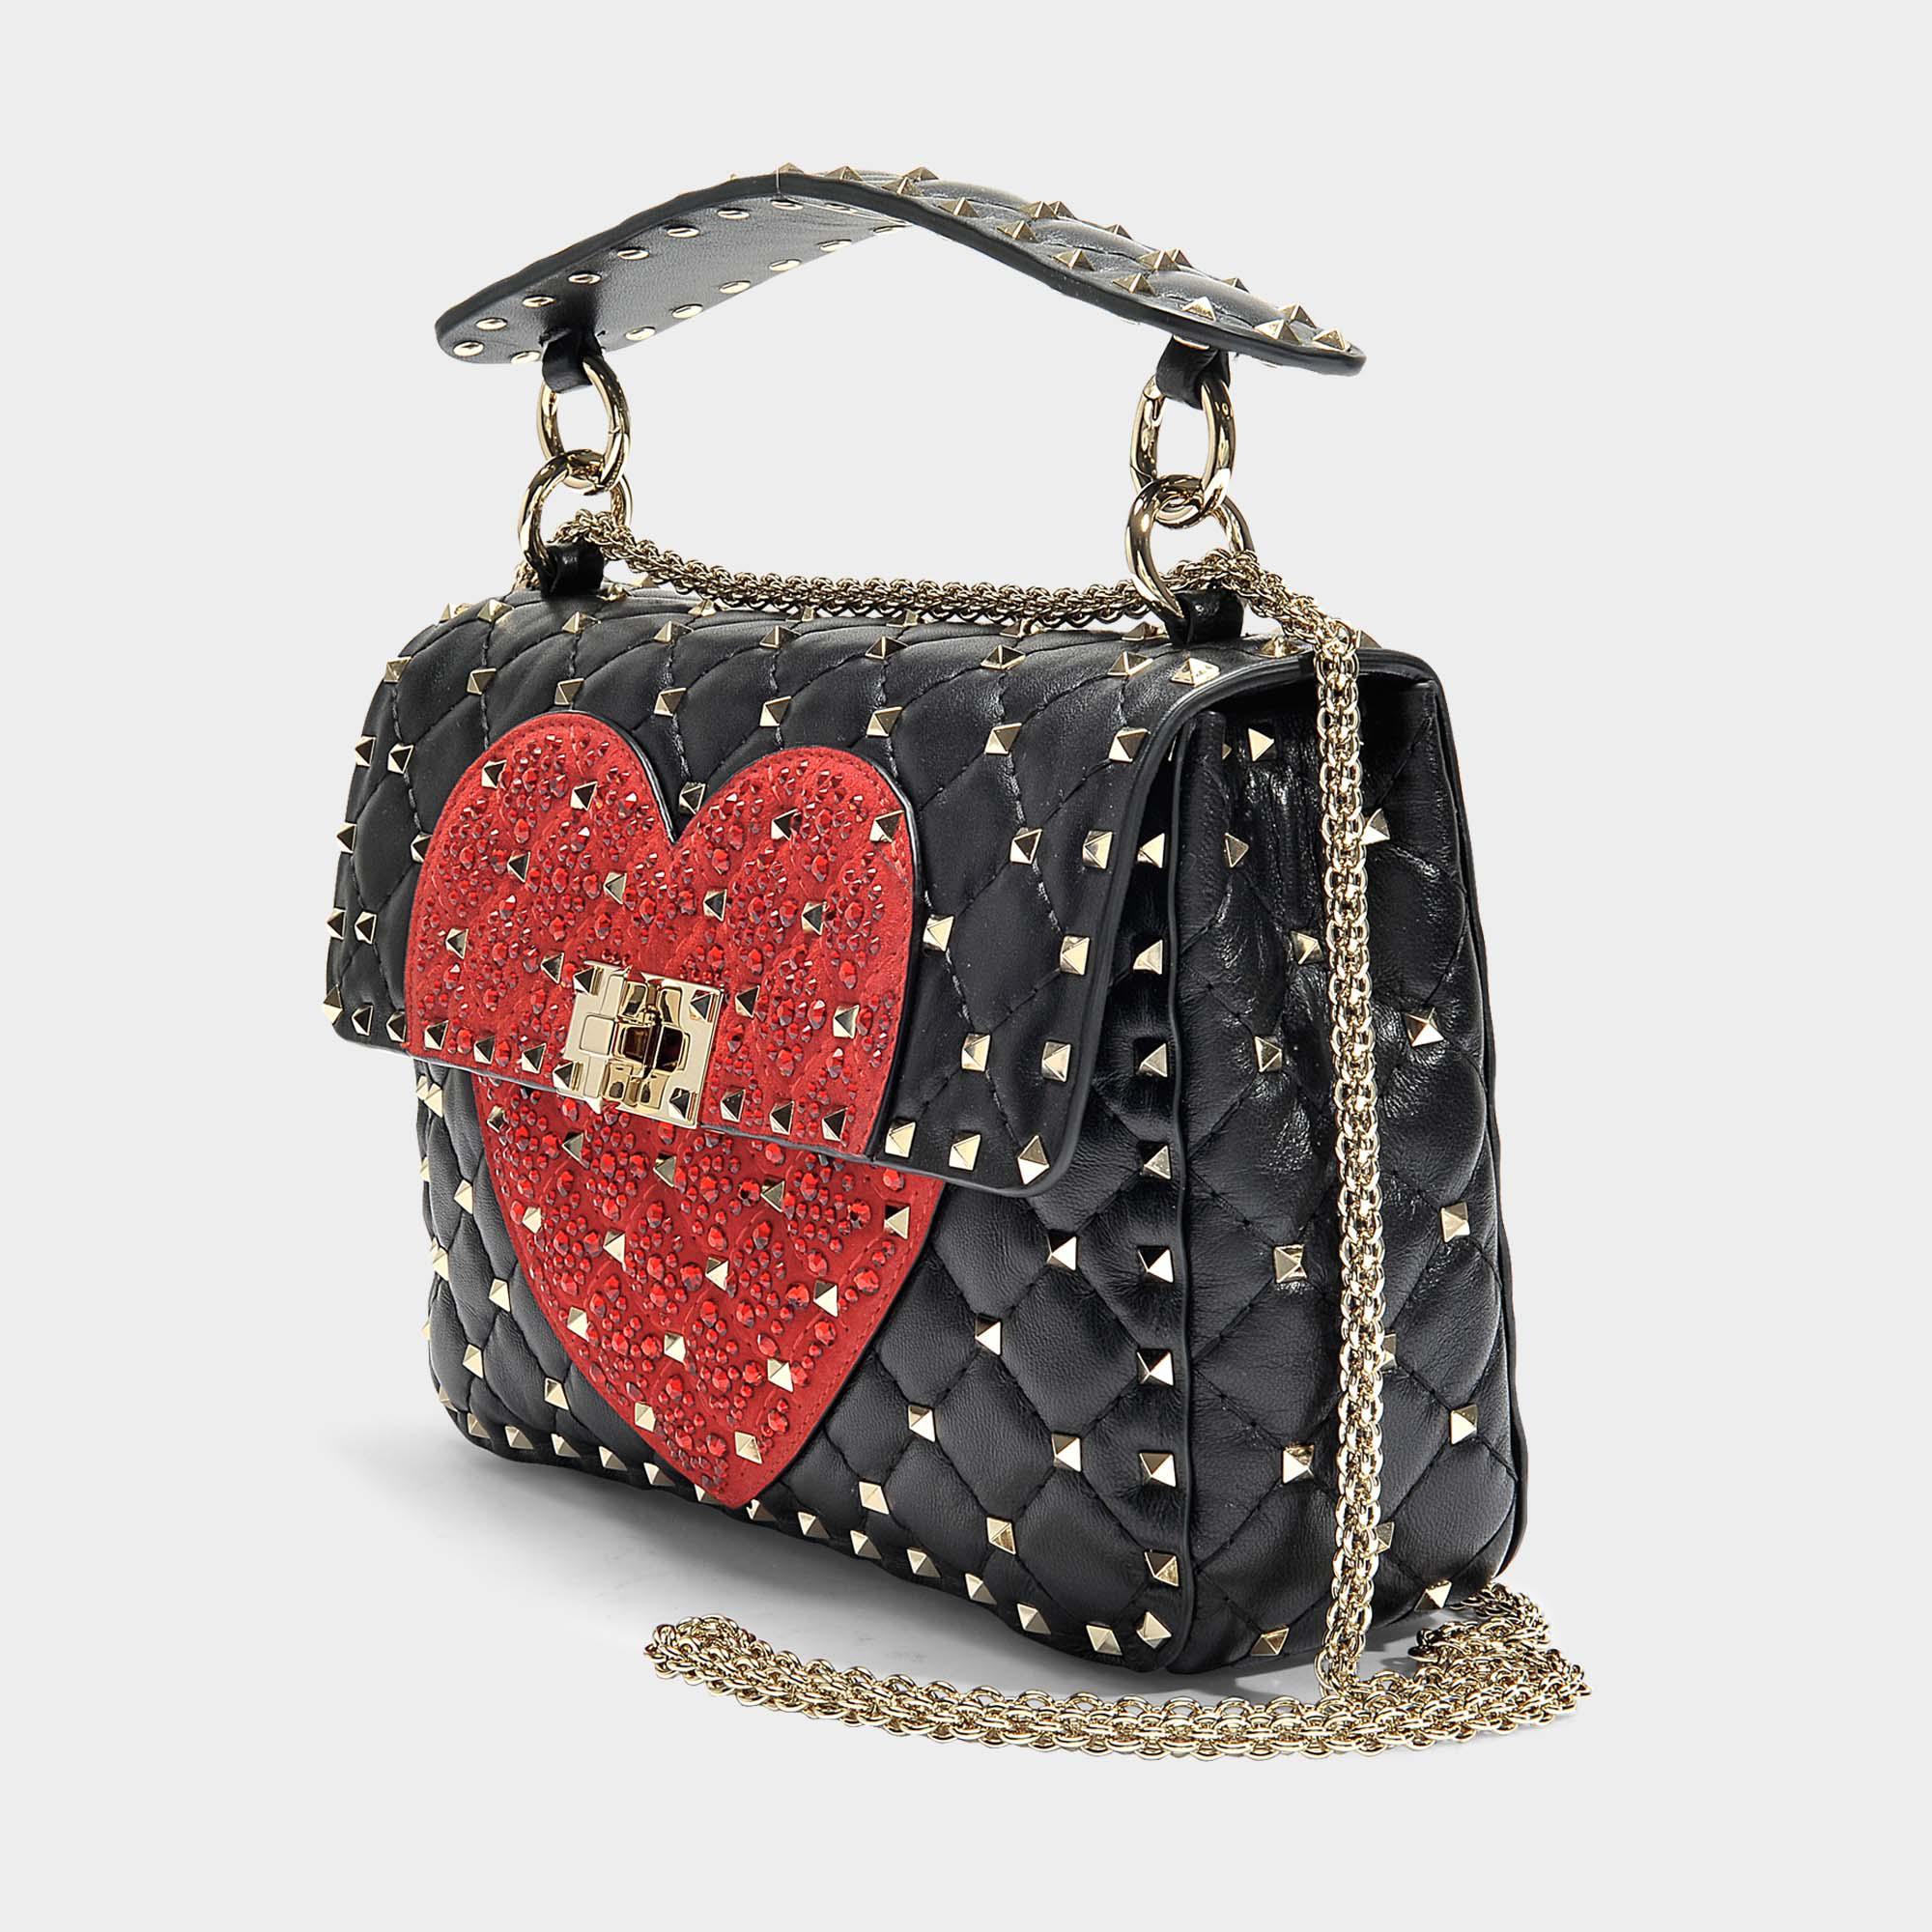 d78135a6885 Lyst - Sac à main rockstud spike it heart medium en cuir de veau ...